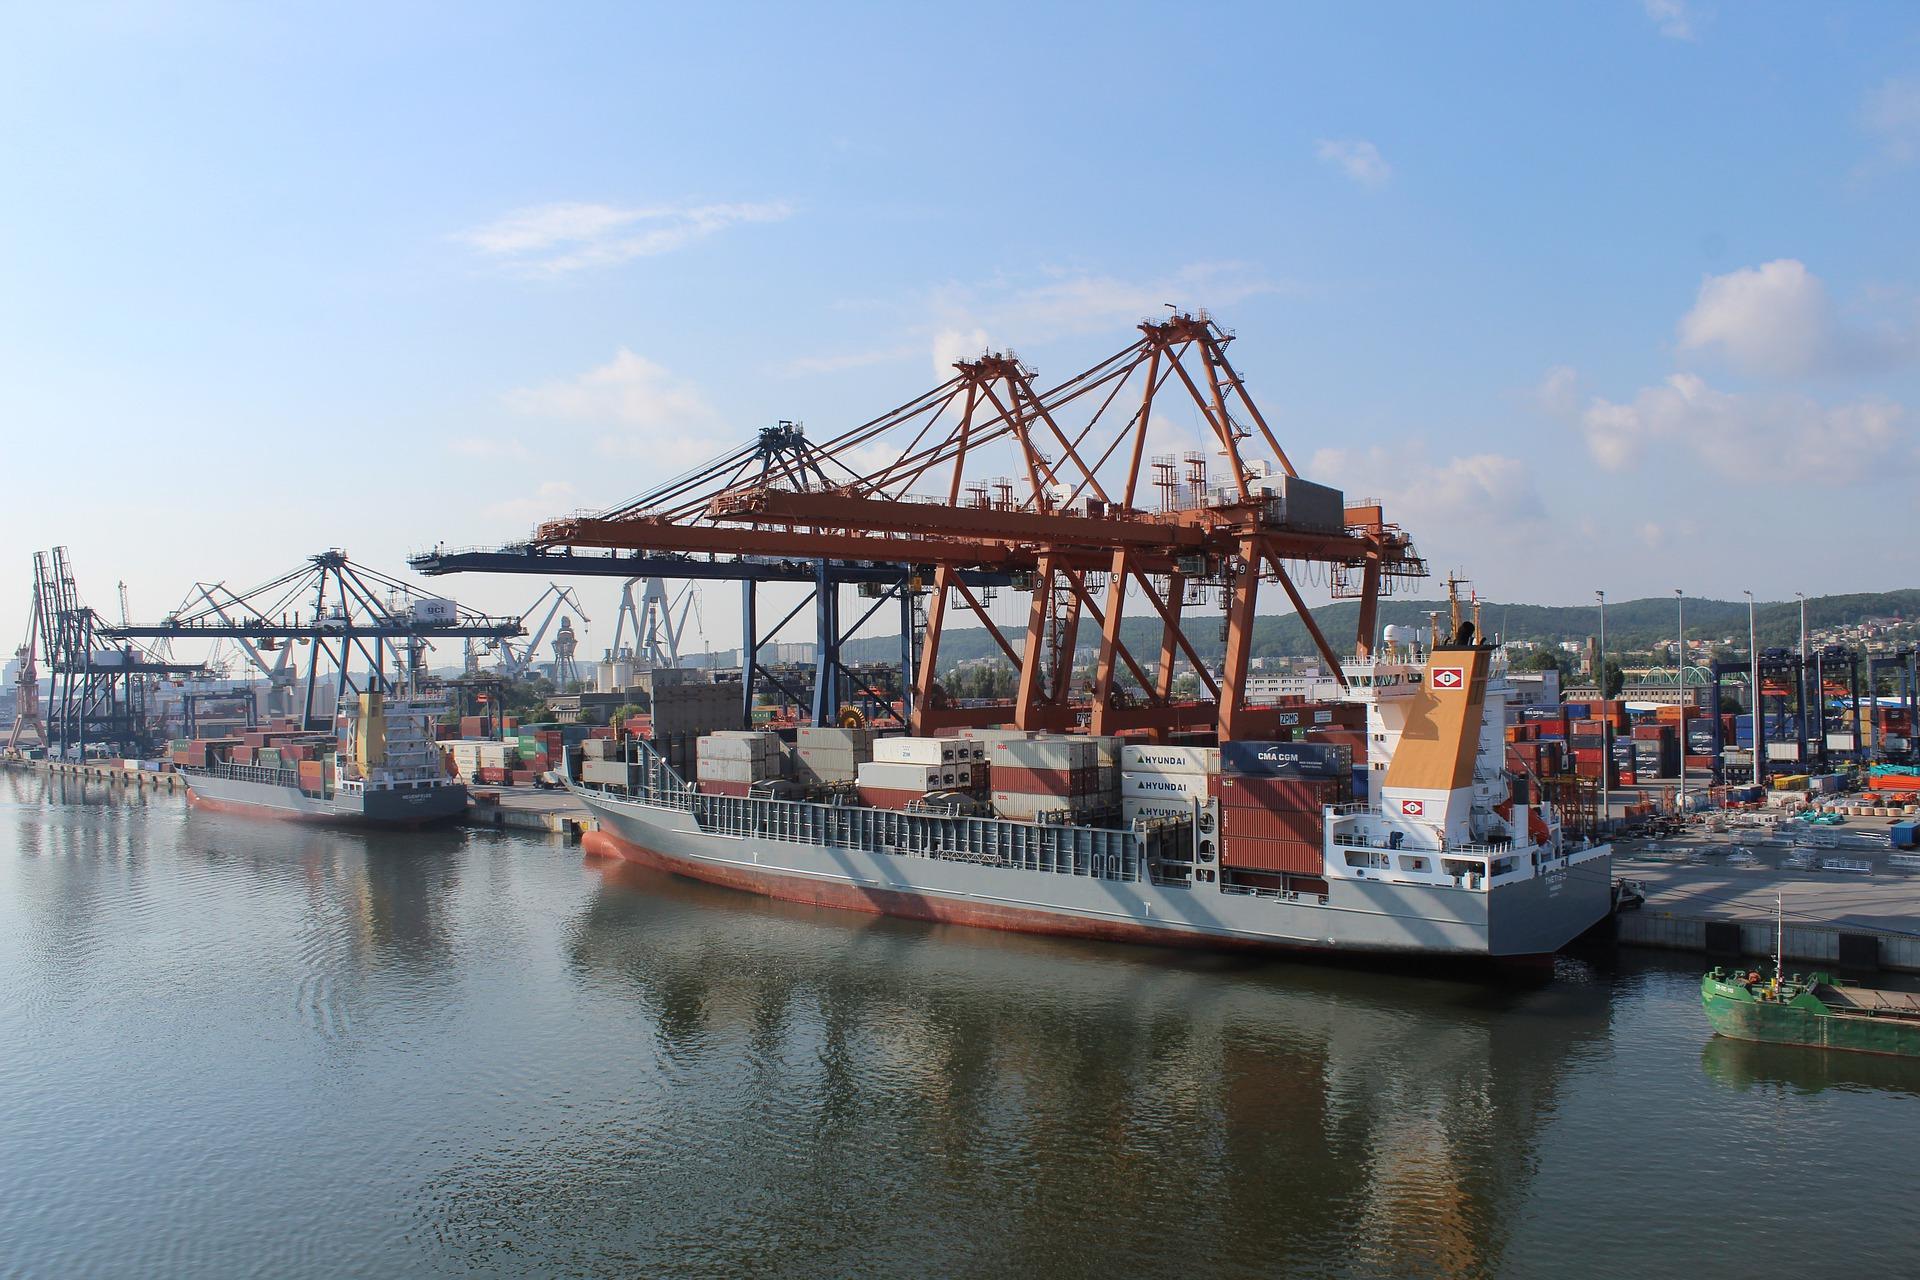 COFCO збільшить потужності зберігання на терміналі «Юнігрейн-Базис» до 30 тис. тонн